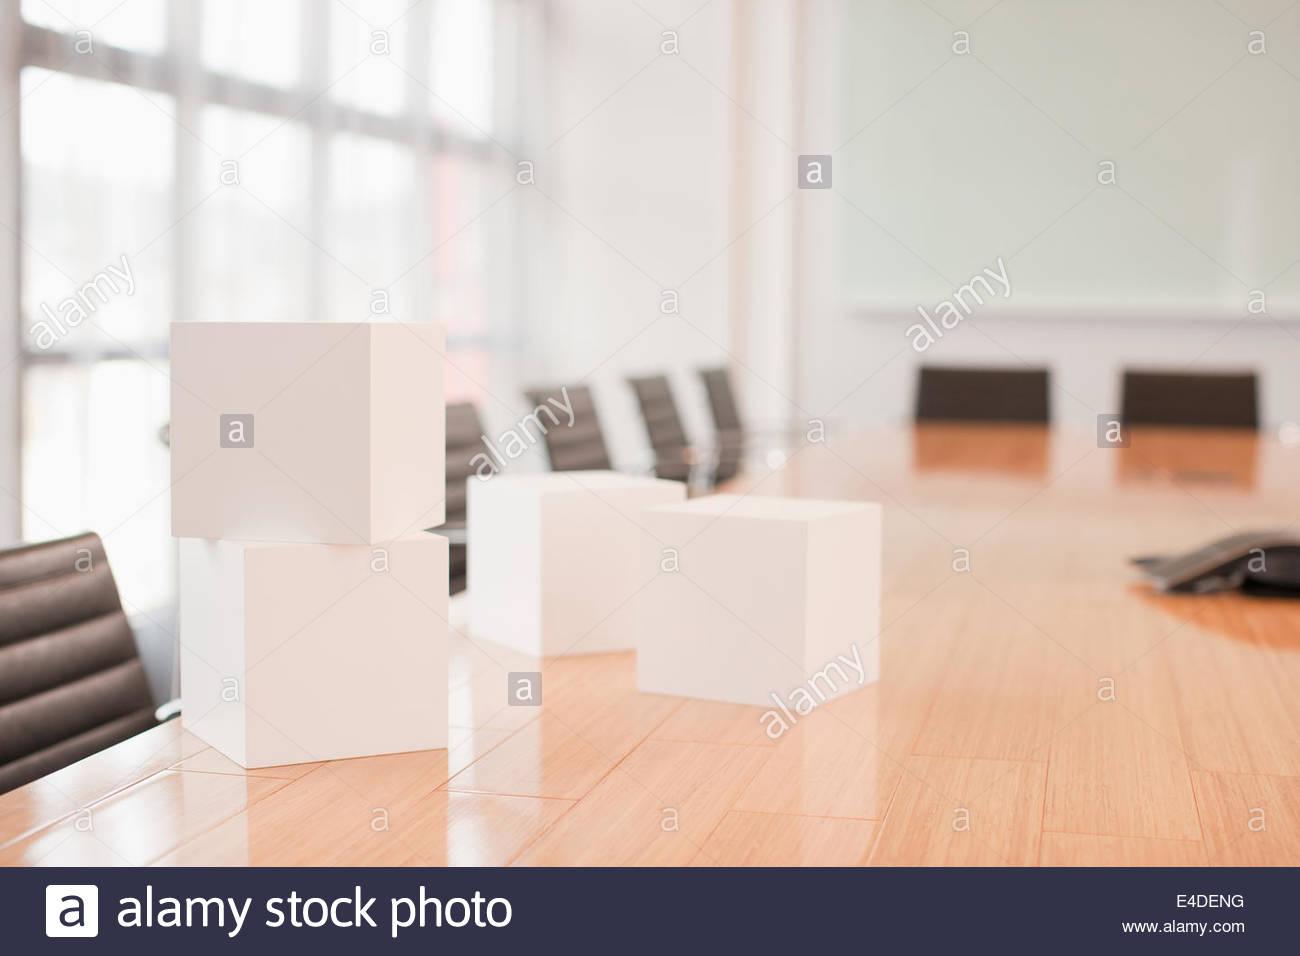 Cubos blancos de mesa en la sala de reuniones Imagen De Stock